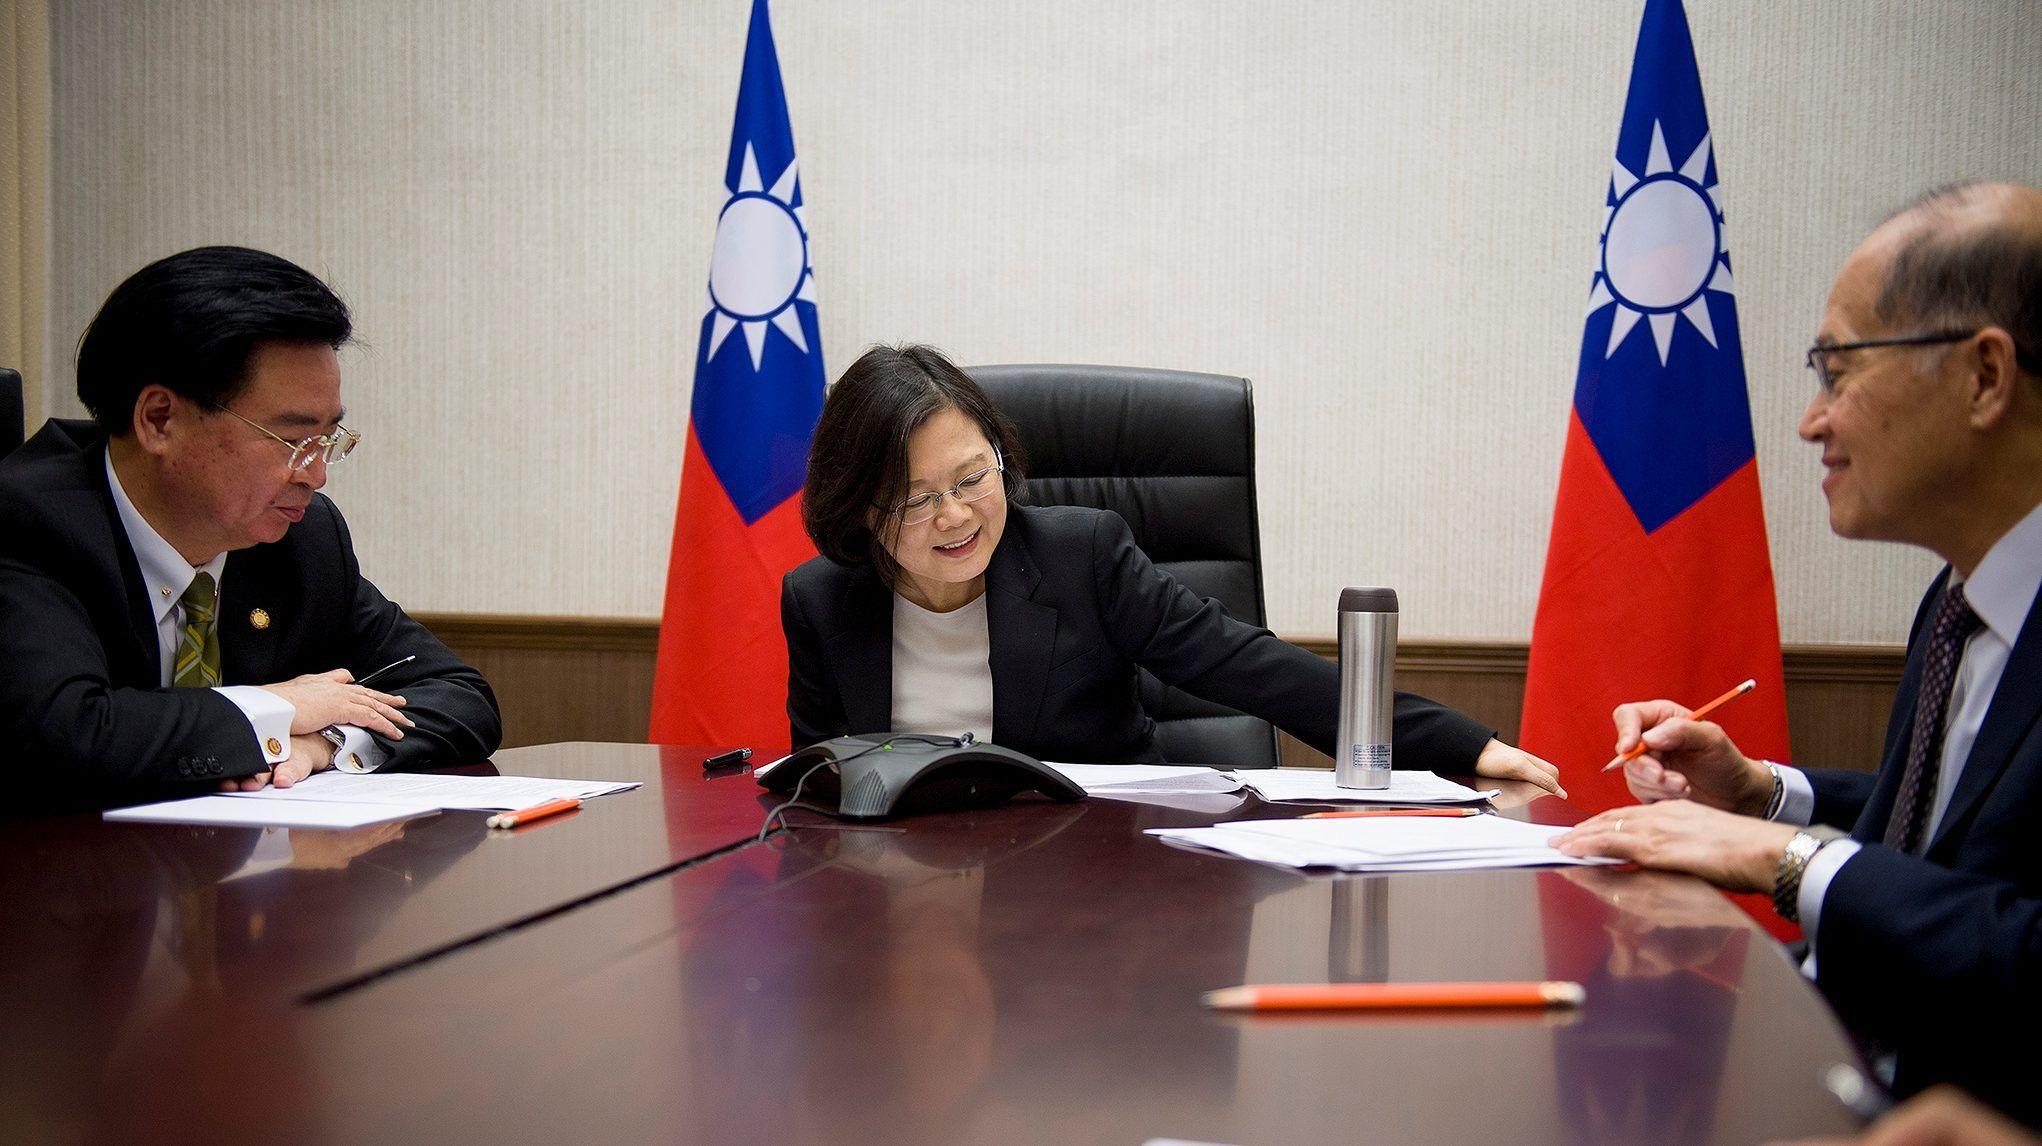 Hoa Kỳ có thể lại dùng lá bài Đài Loan gây áp lực với Trung Cộng